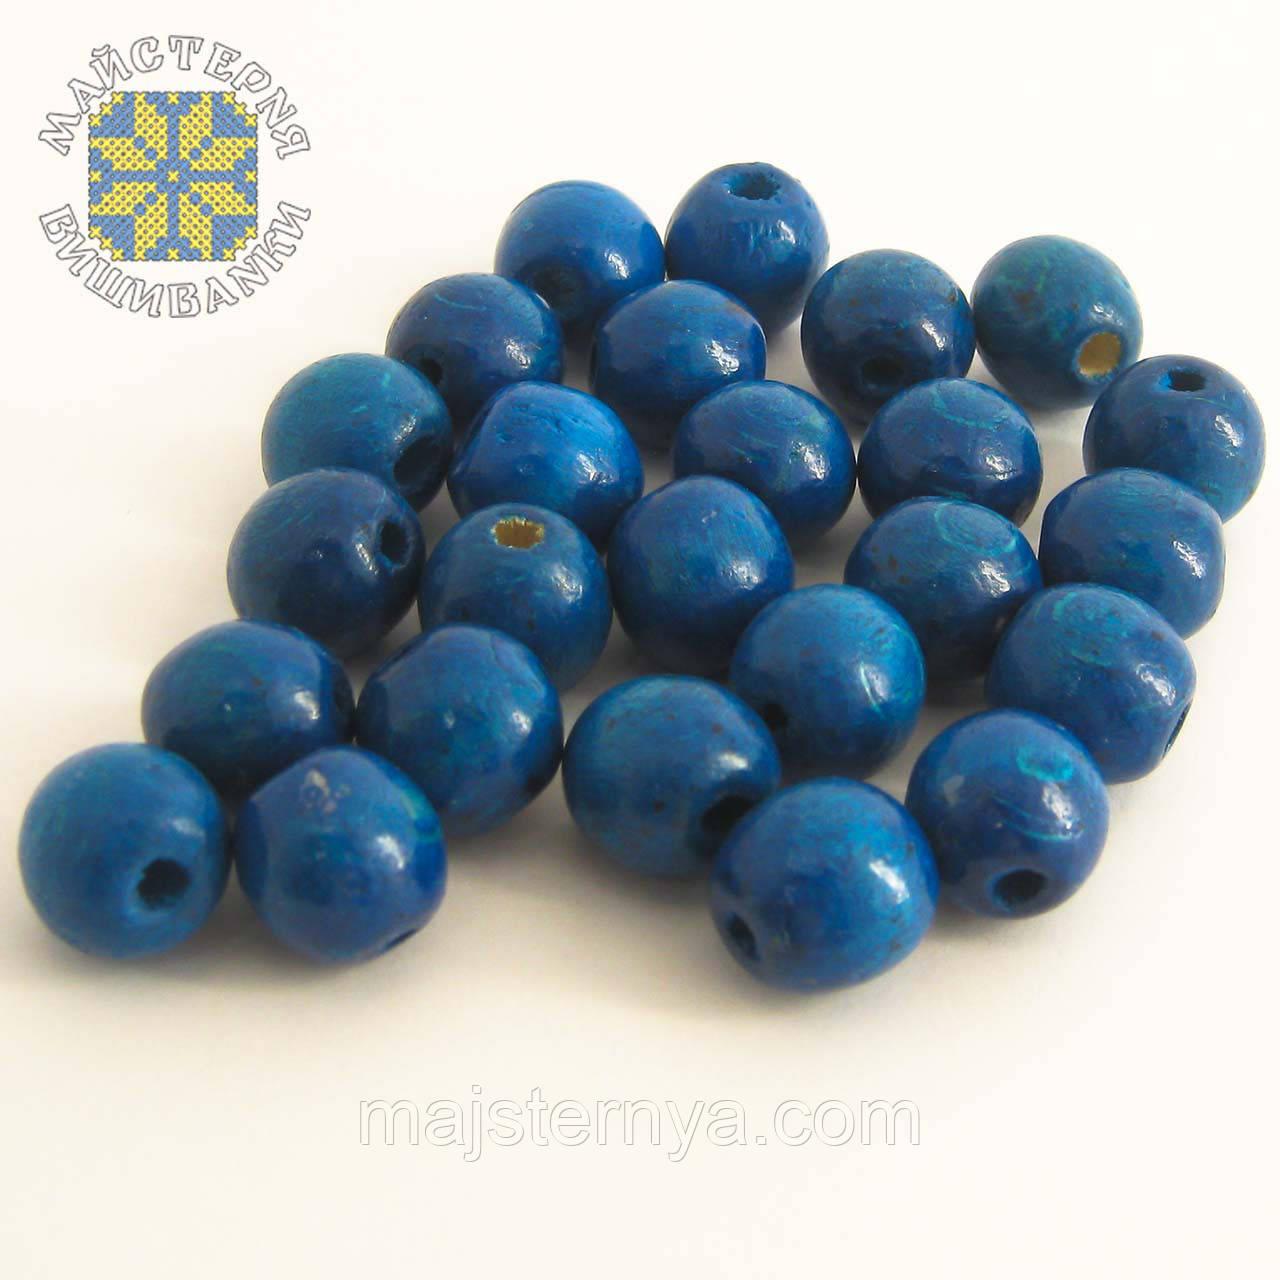 Дерев'яні бусини 1,3см блакитні